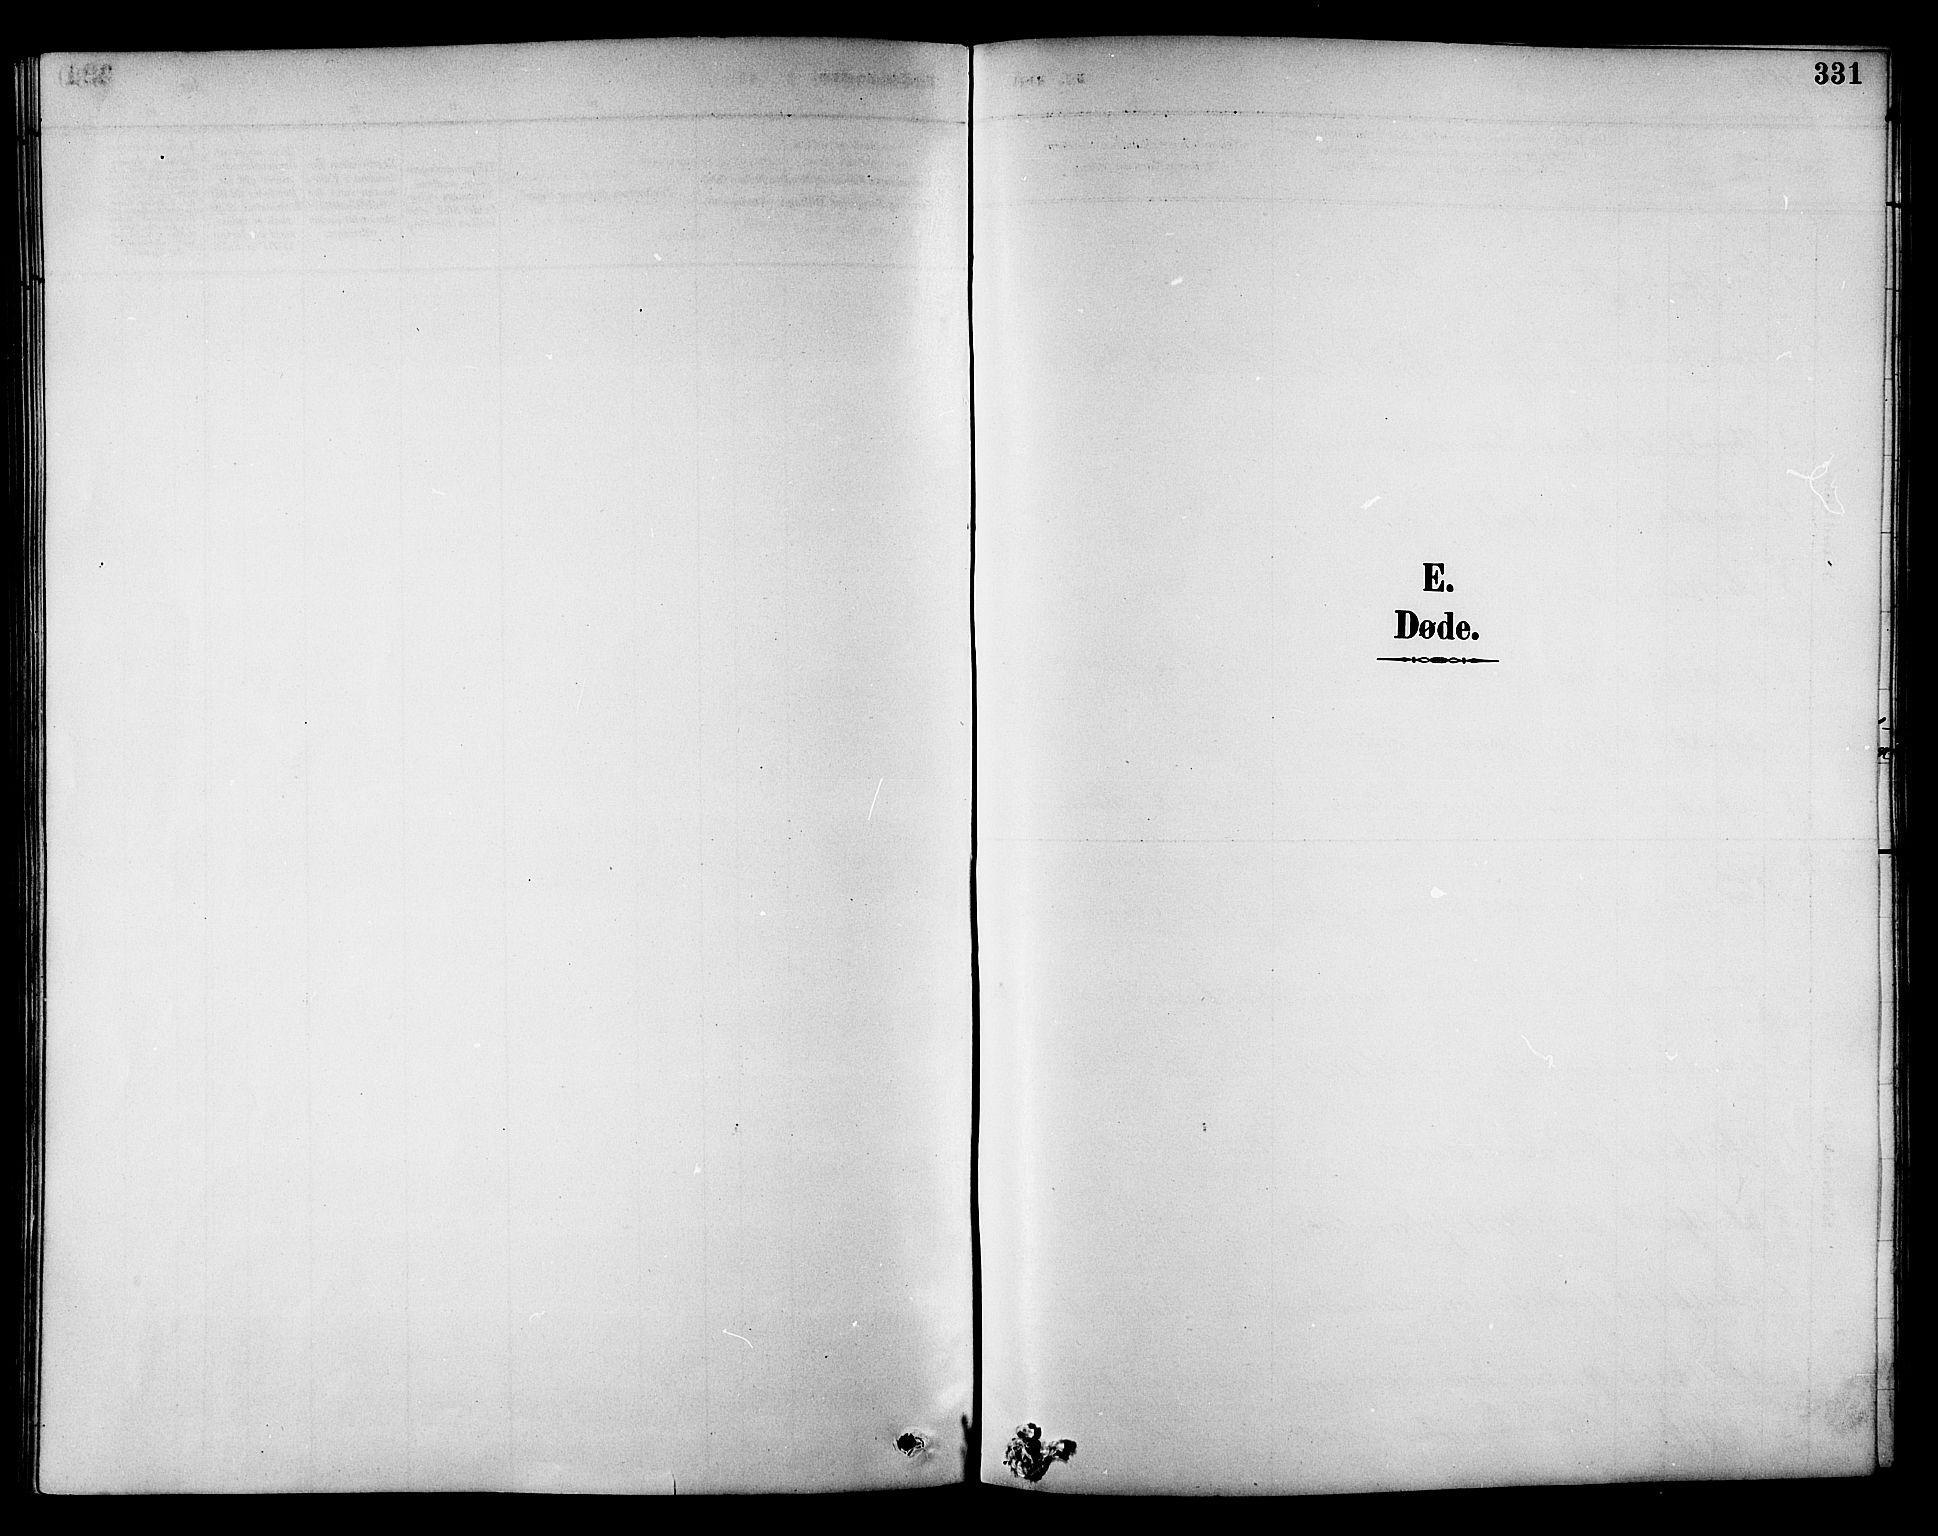 SAT, Ministerialprotokoller, klokkerbøker og fødselsregistre - Sør-Trøndelag, 695/L1157: Klokkerbok nr. 695C08, 1889-1913, s. 331